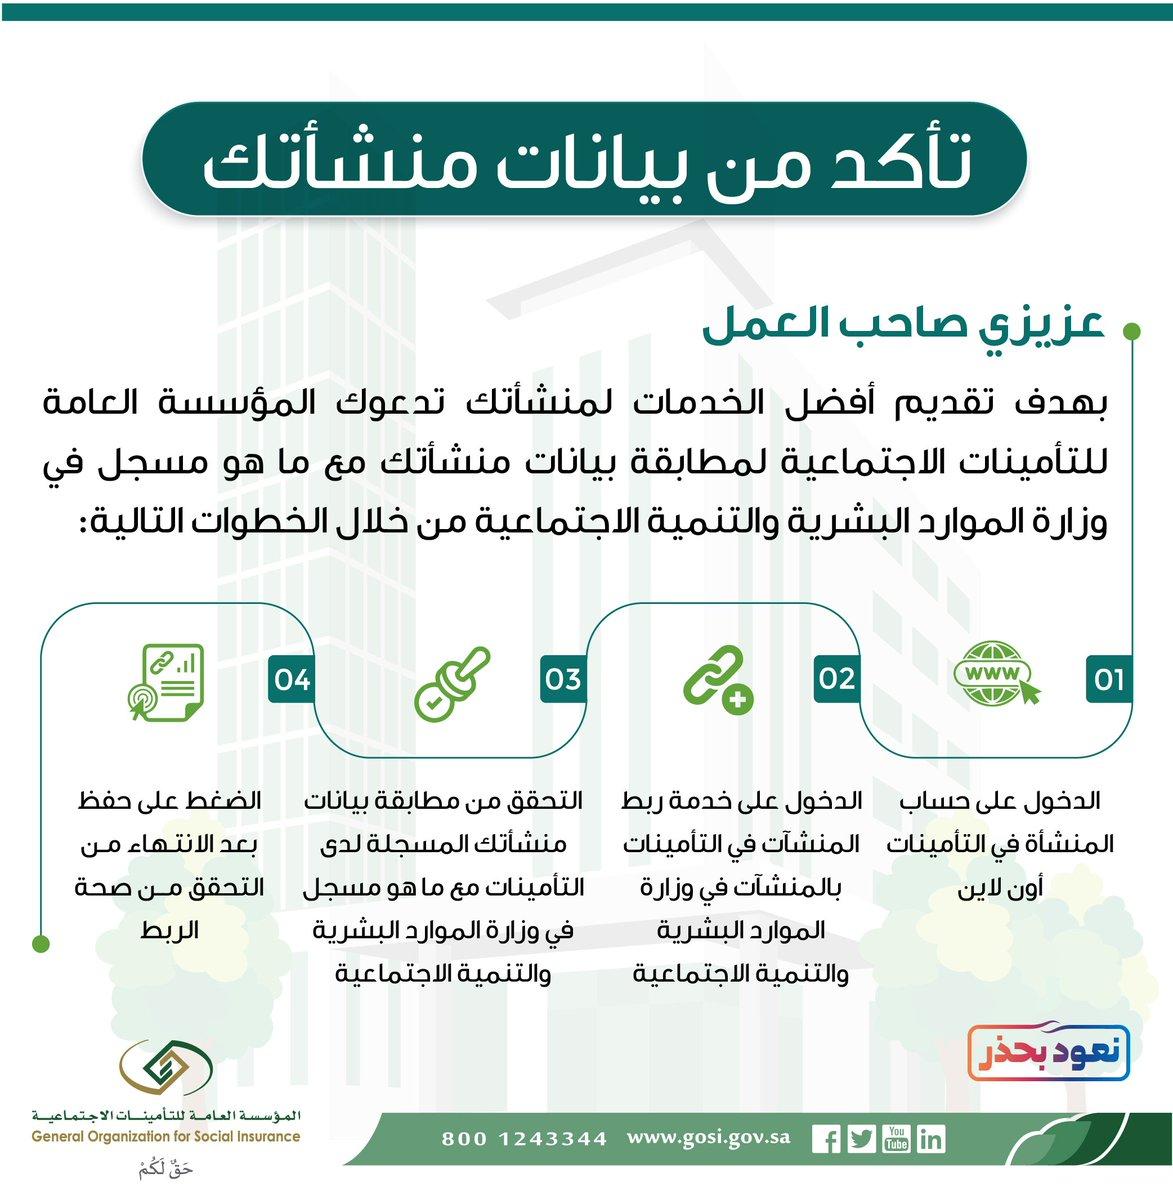 التأمينات الاجتماعية On Twitter تأكد من بيانات منشأتك في التأمينات الاجتماعية مع ماهو مسجل في وزارة الموارد البشرية والتنمية الاجتماعية